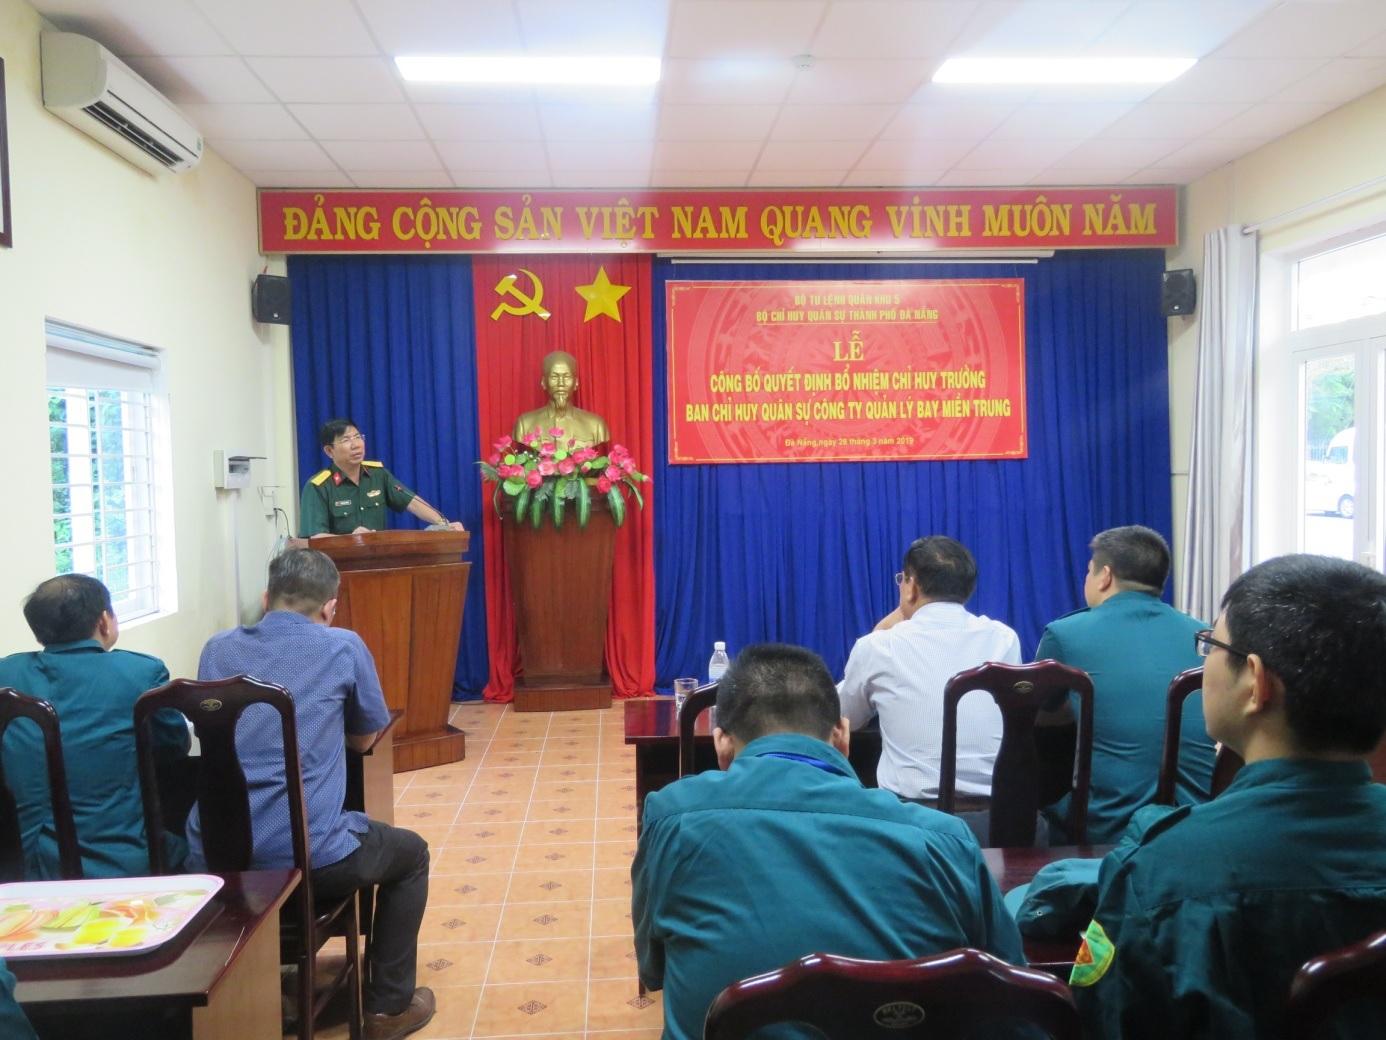 Công bố quyết định bổ nhiệm Chỉ huy trưởng Ban Chỉ huy quân sự Công ty Quản lý bay miền Trung